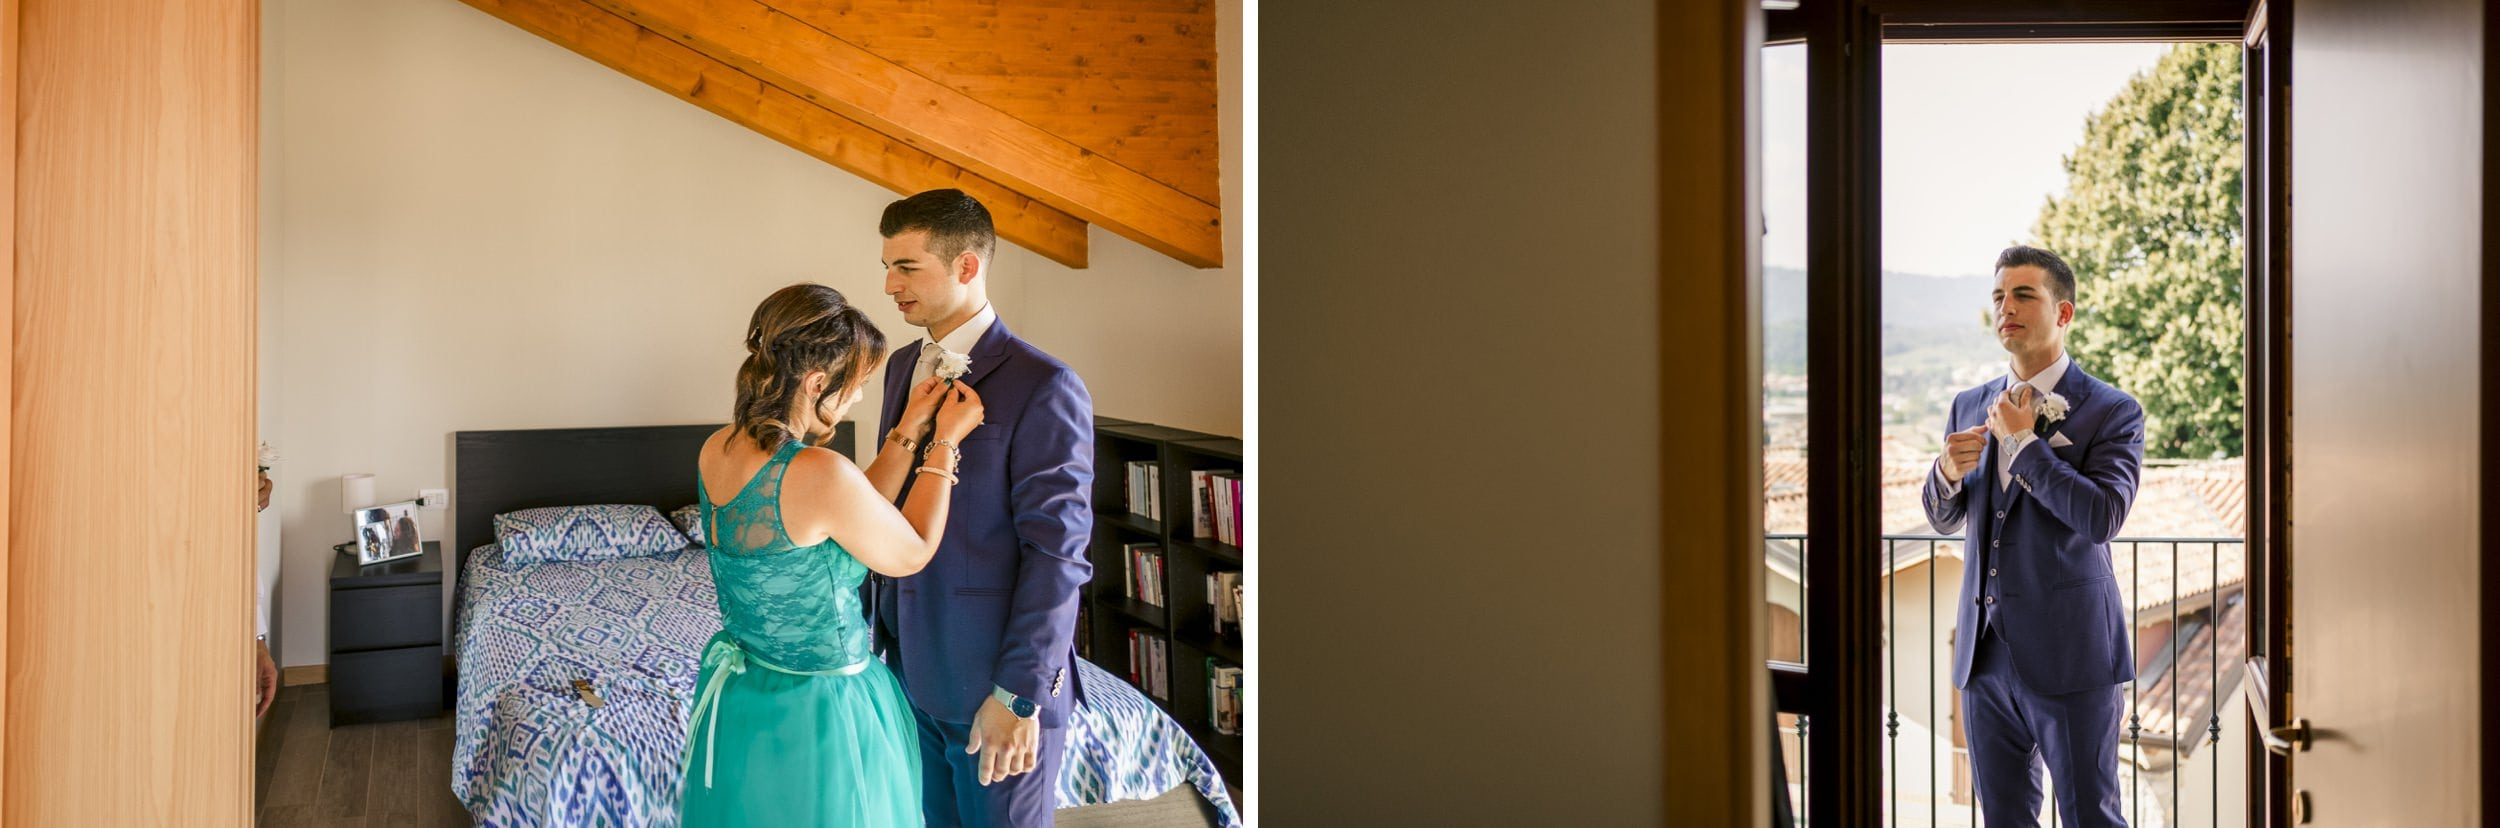 Fotografo matrimonio calolzio corte